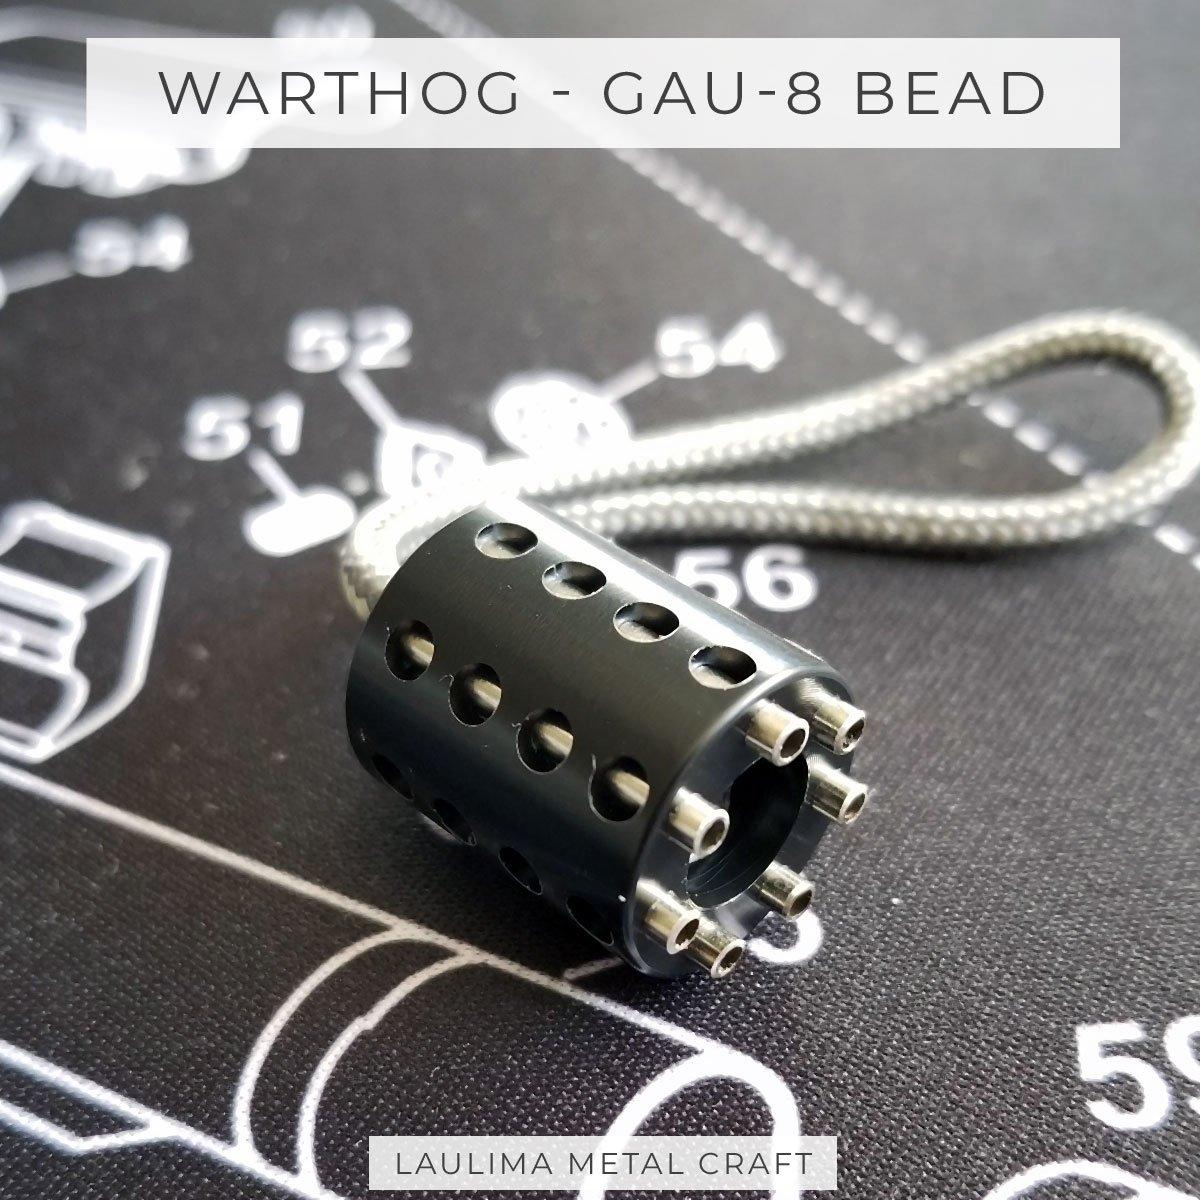 Warthog GAU-8 Bead